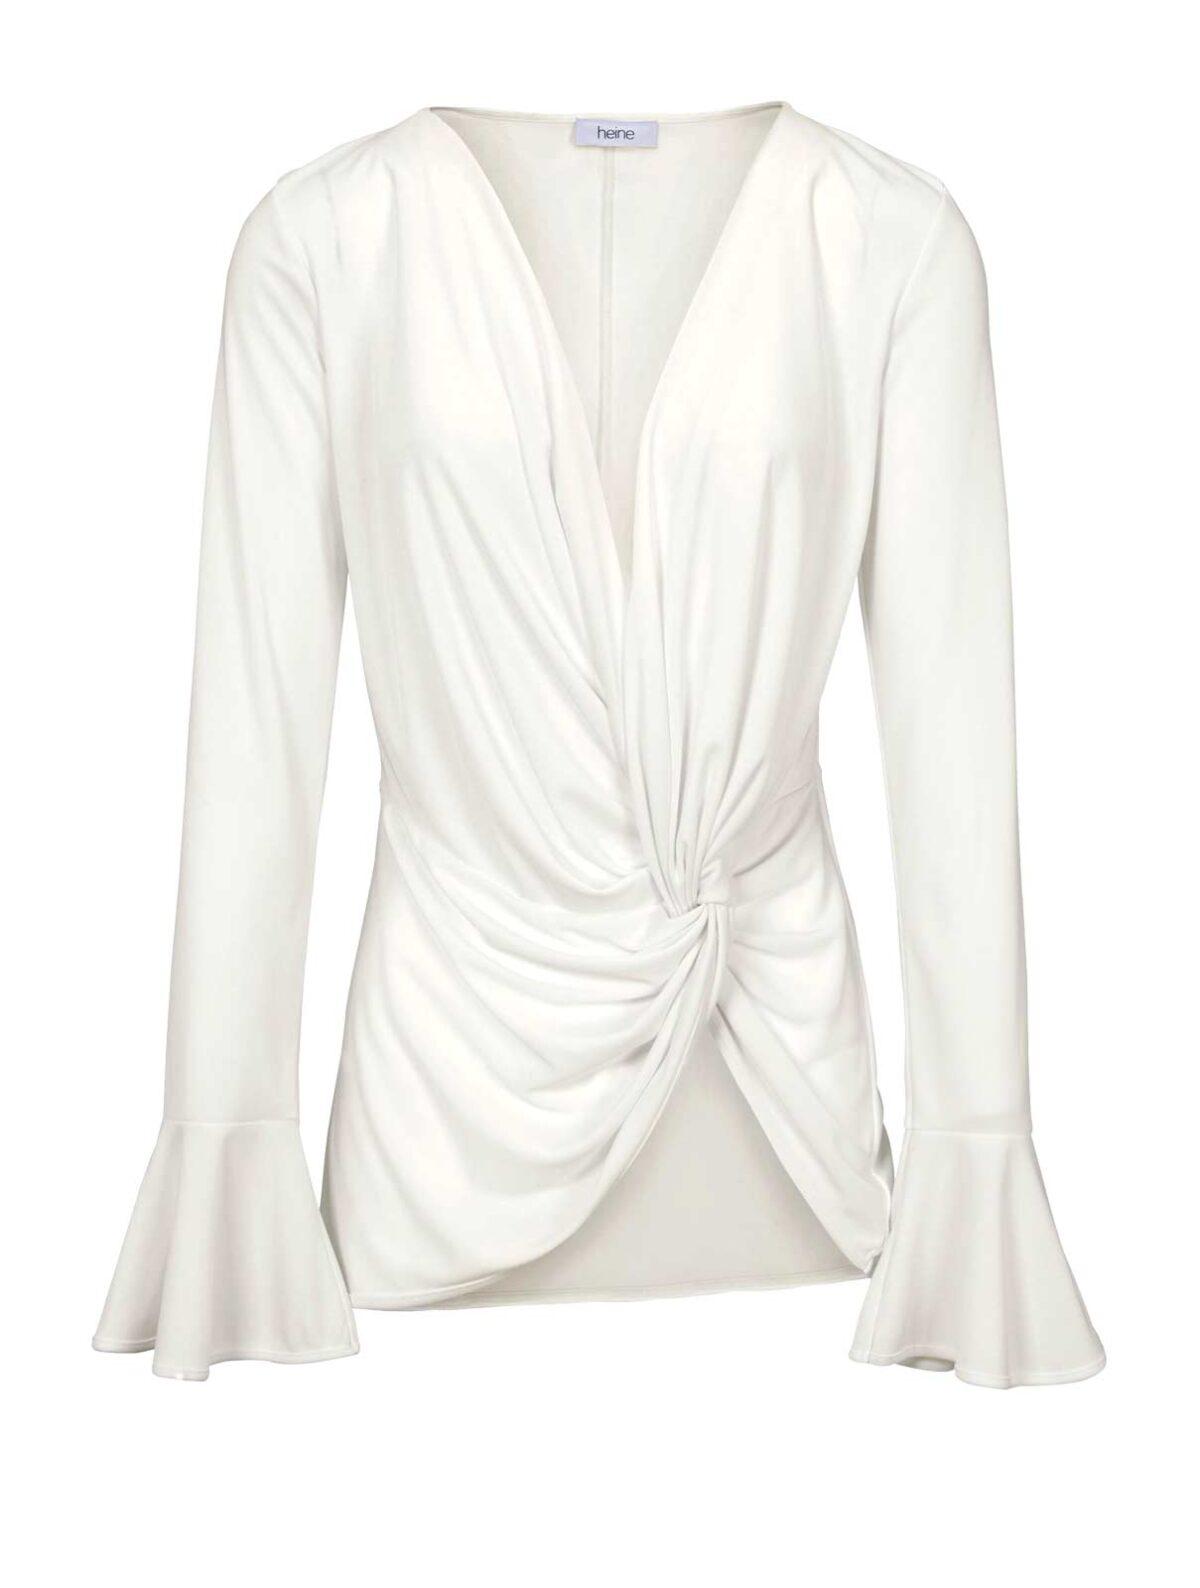 323.025 HEINE Damen Designer-Shirt m. Volants Ecru